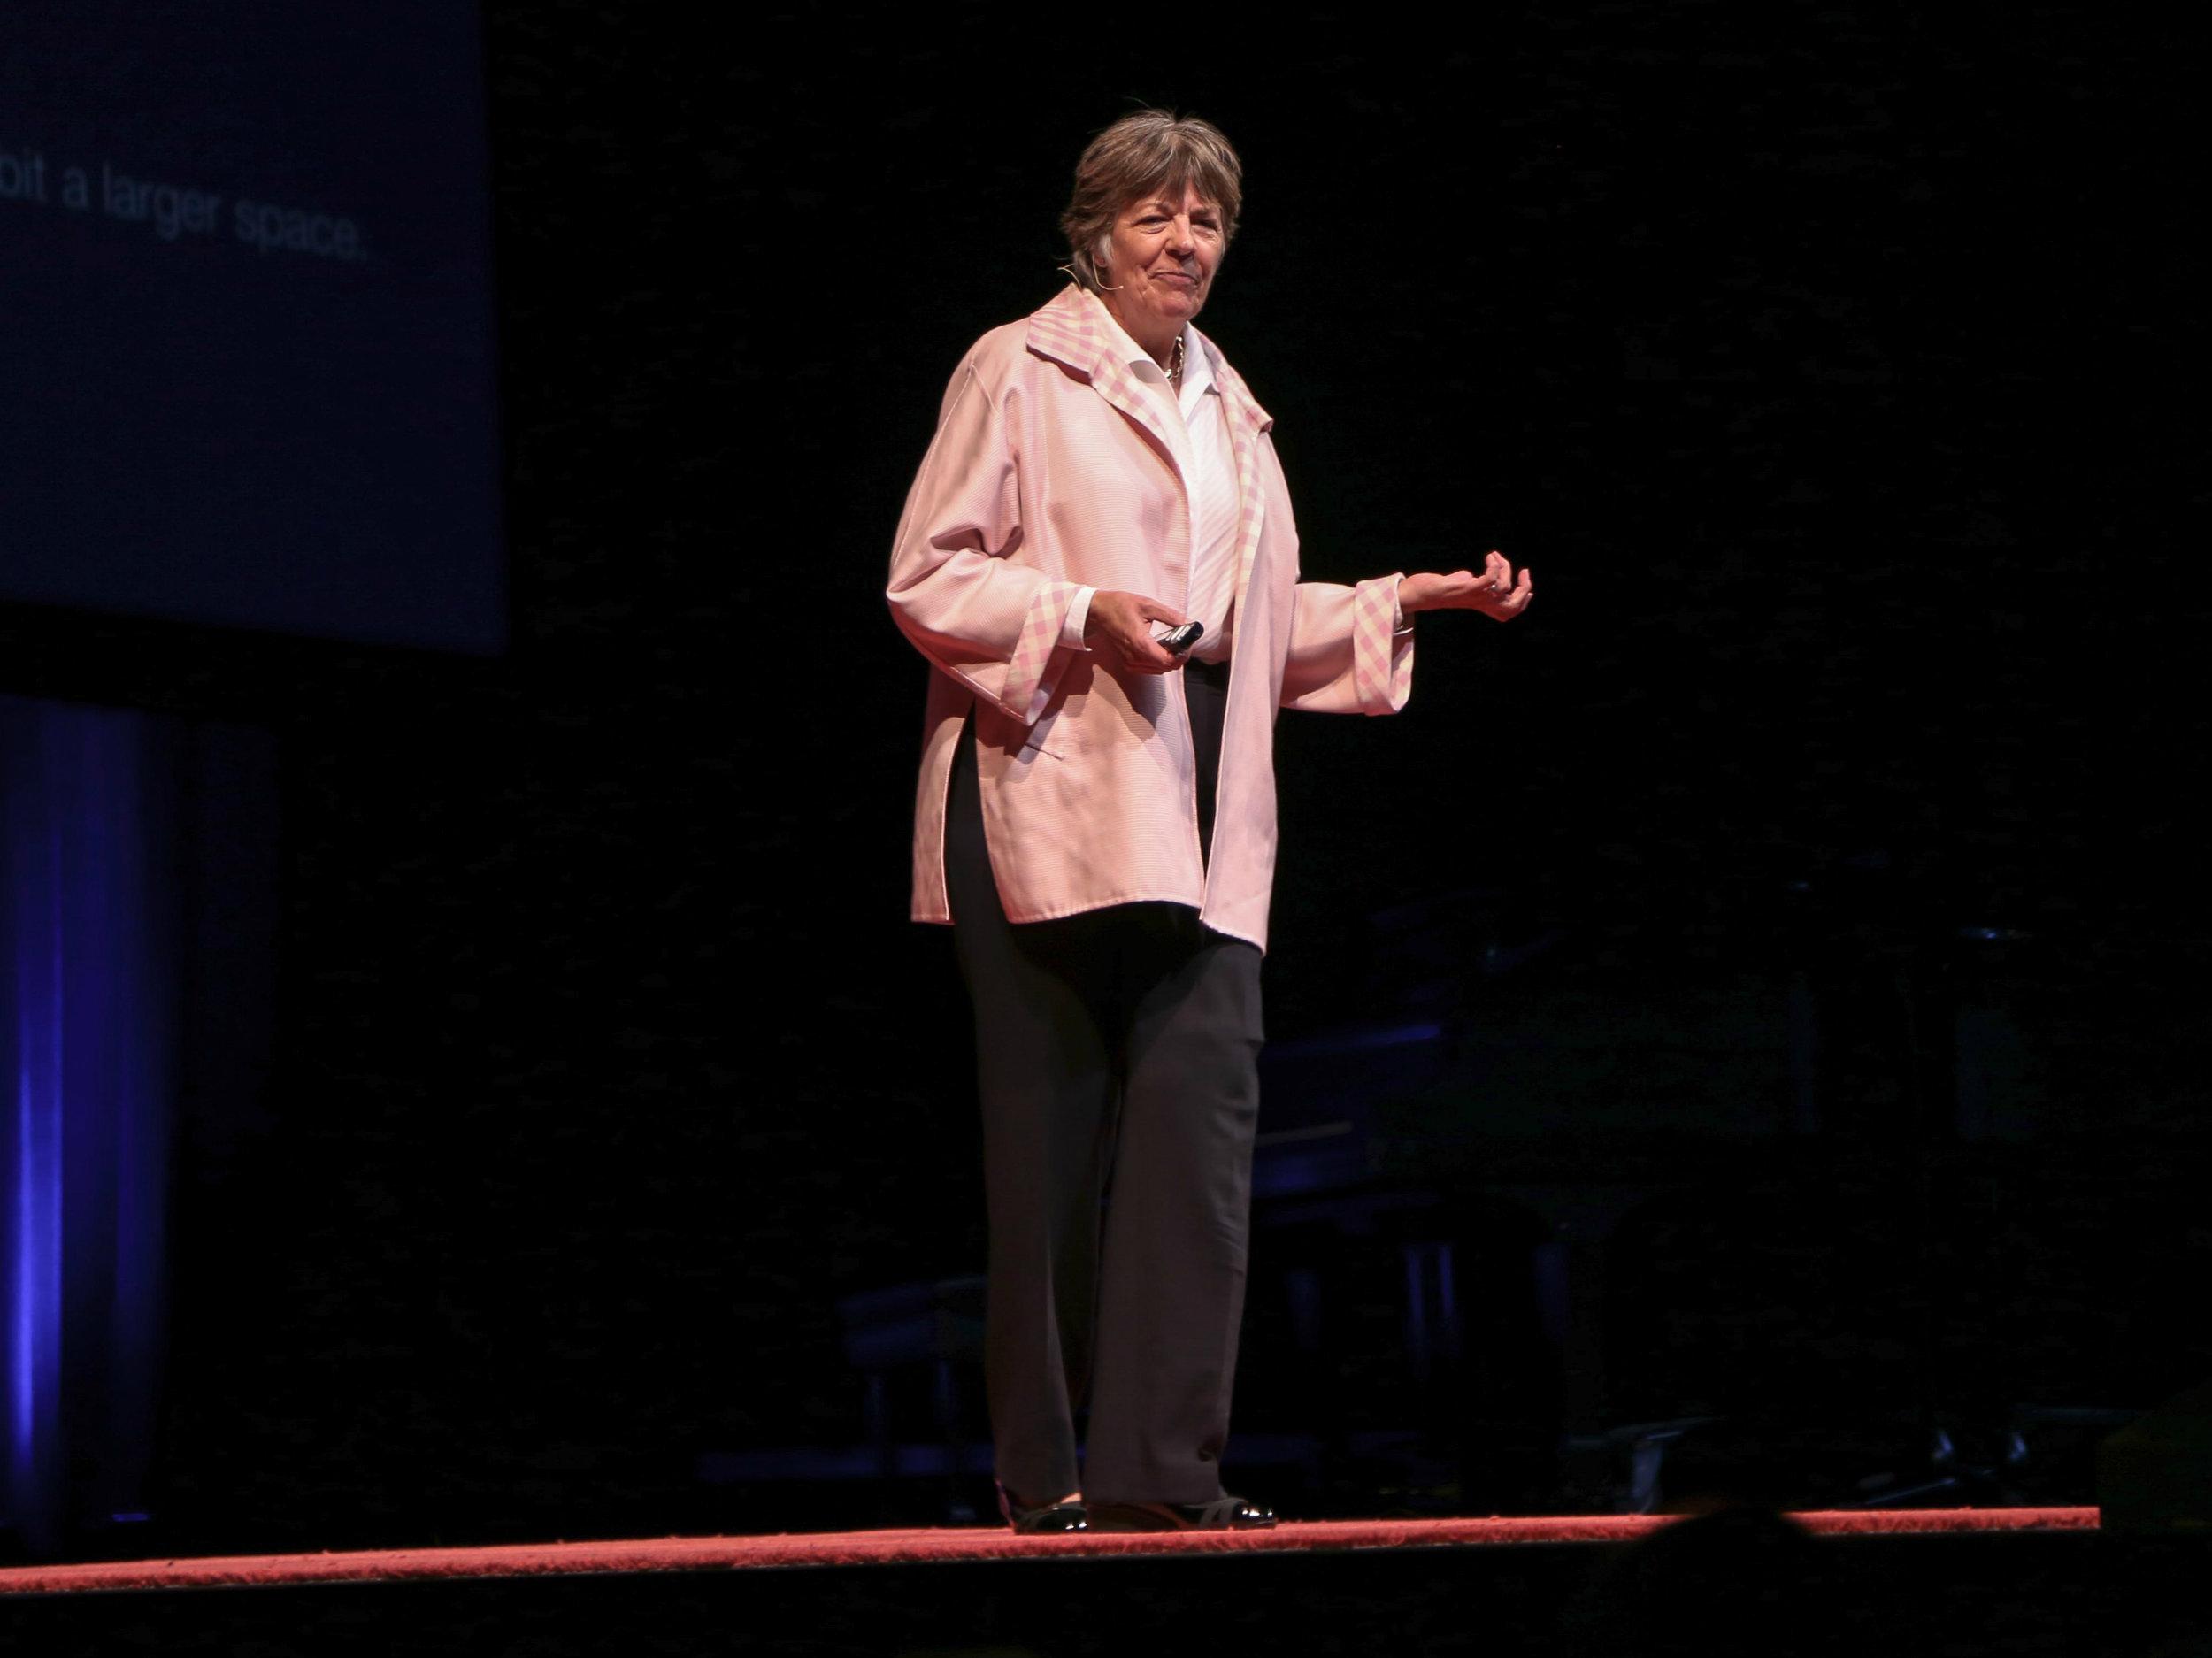 Judy Robinett, Founder & President of JRobinett Enterprises